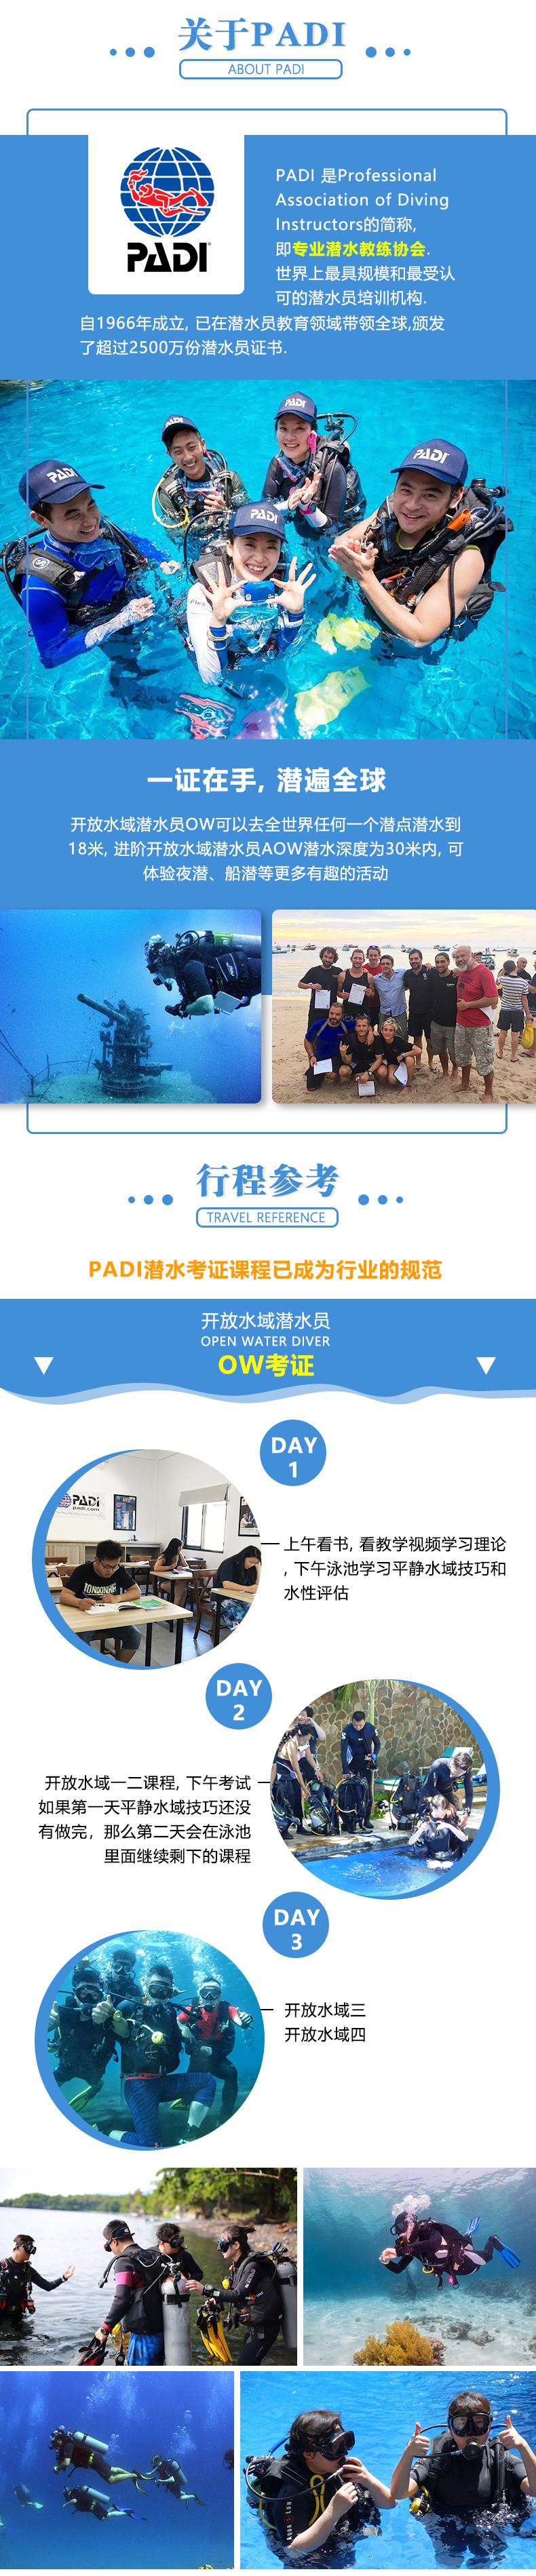 印尼巴厘岛  飞鱼潜水中文教练 PADI OW/AOW潜水考证教学课程